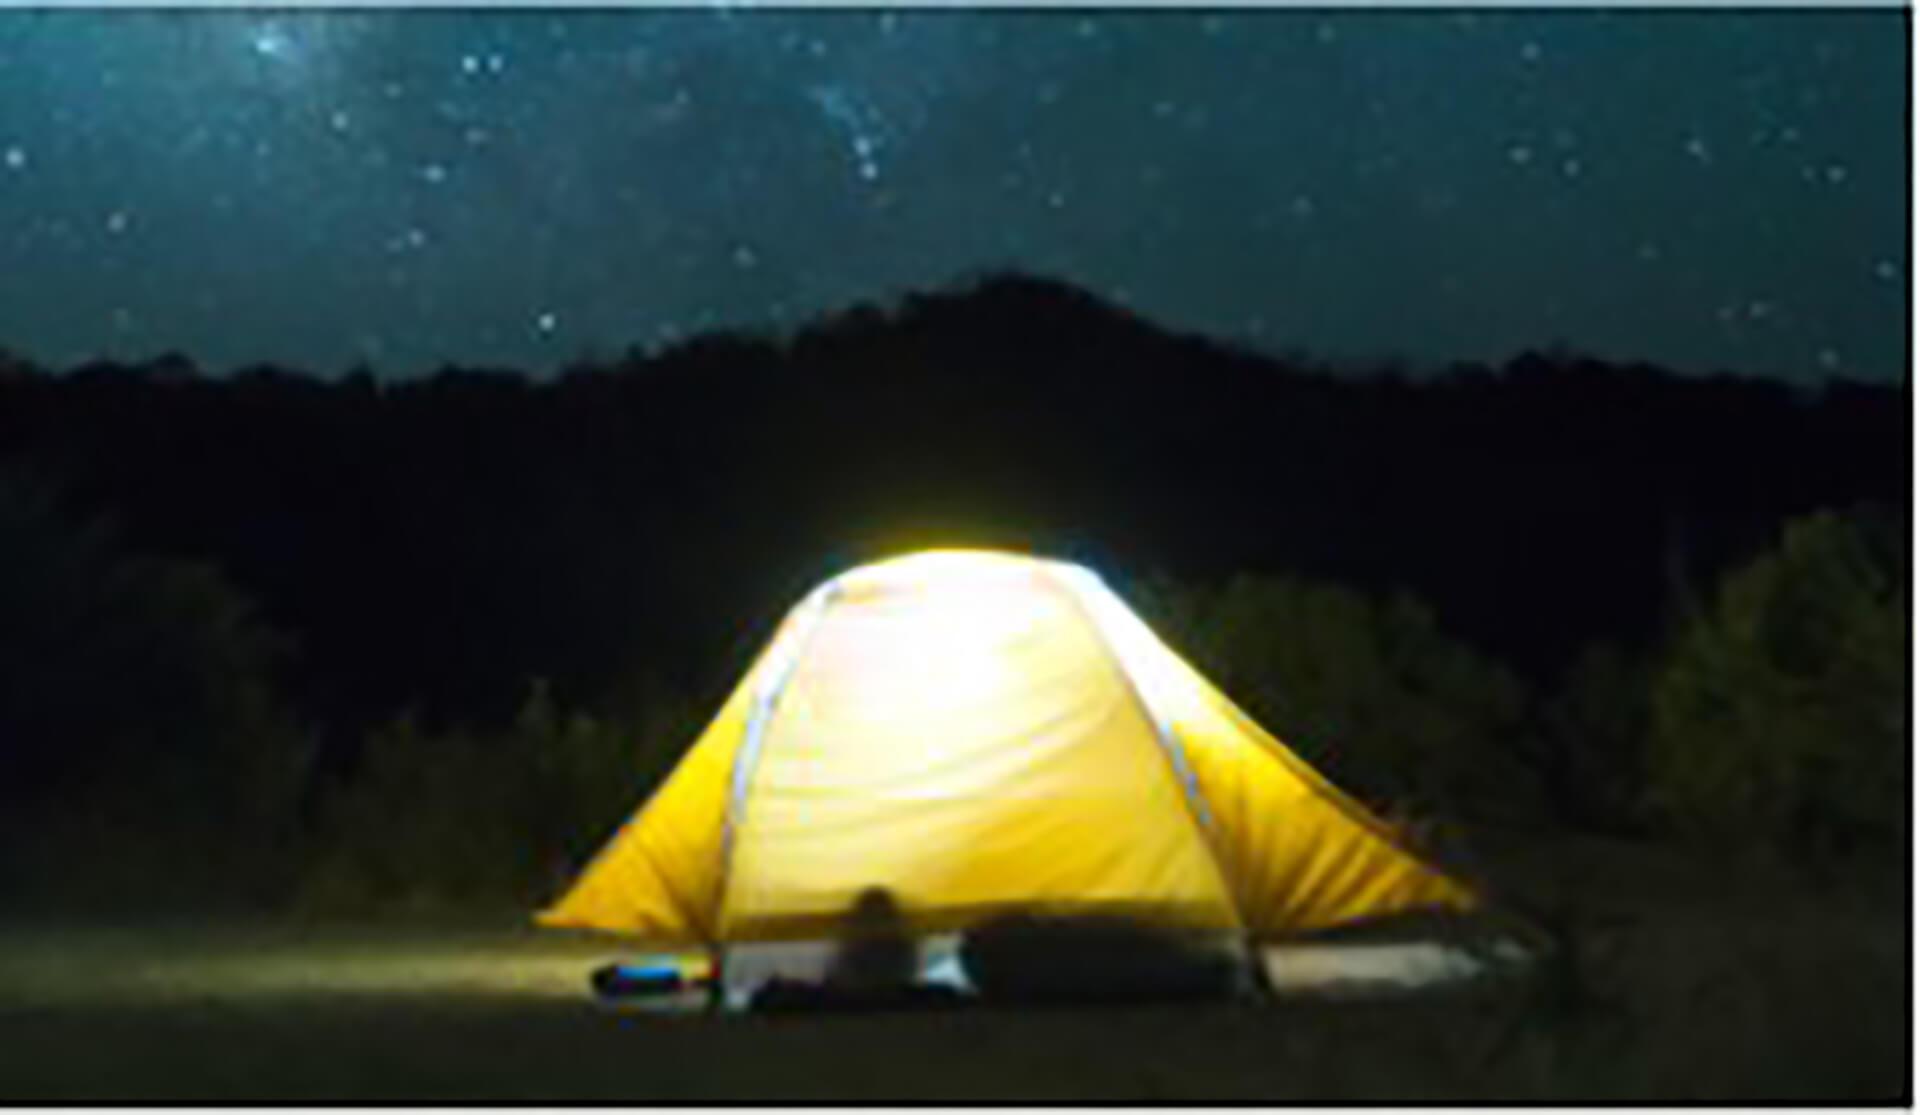 この写真は、サマーキャンプin中山競馬場の星空のもとテントが点灯している様子です